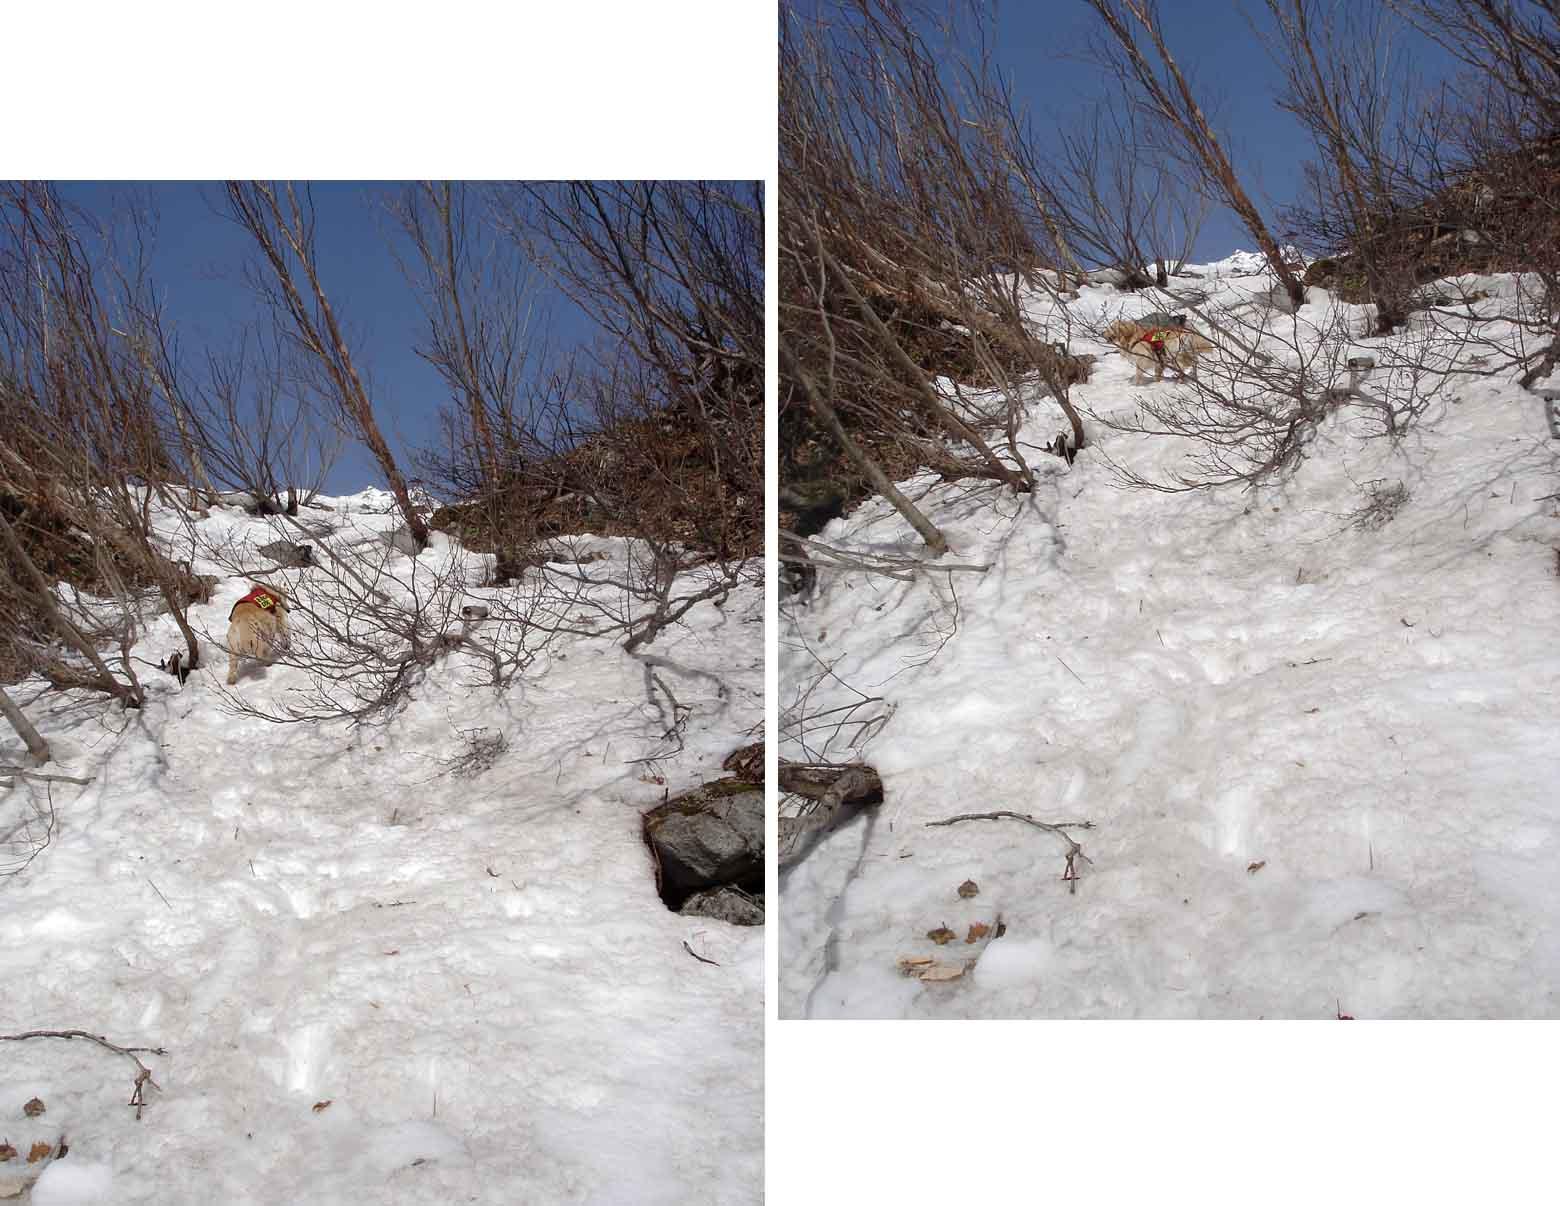 雪壁を登りながら・・・何かを気にする